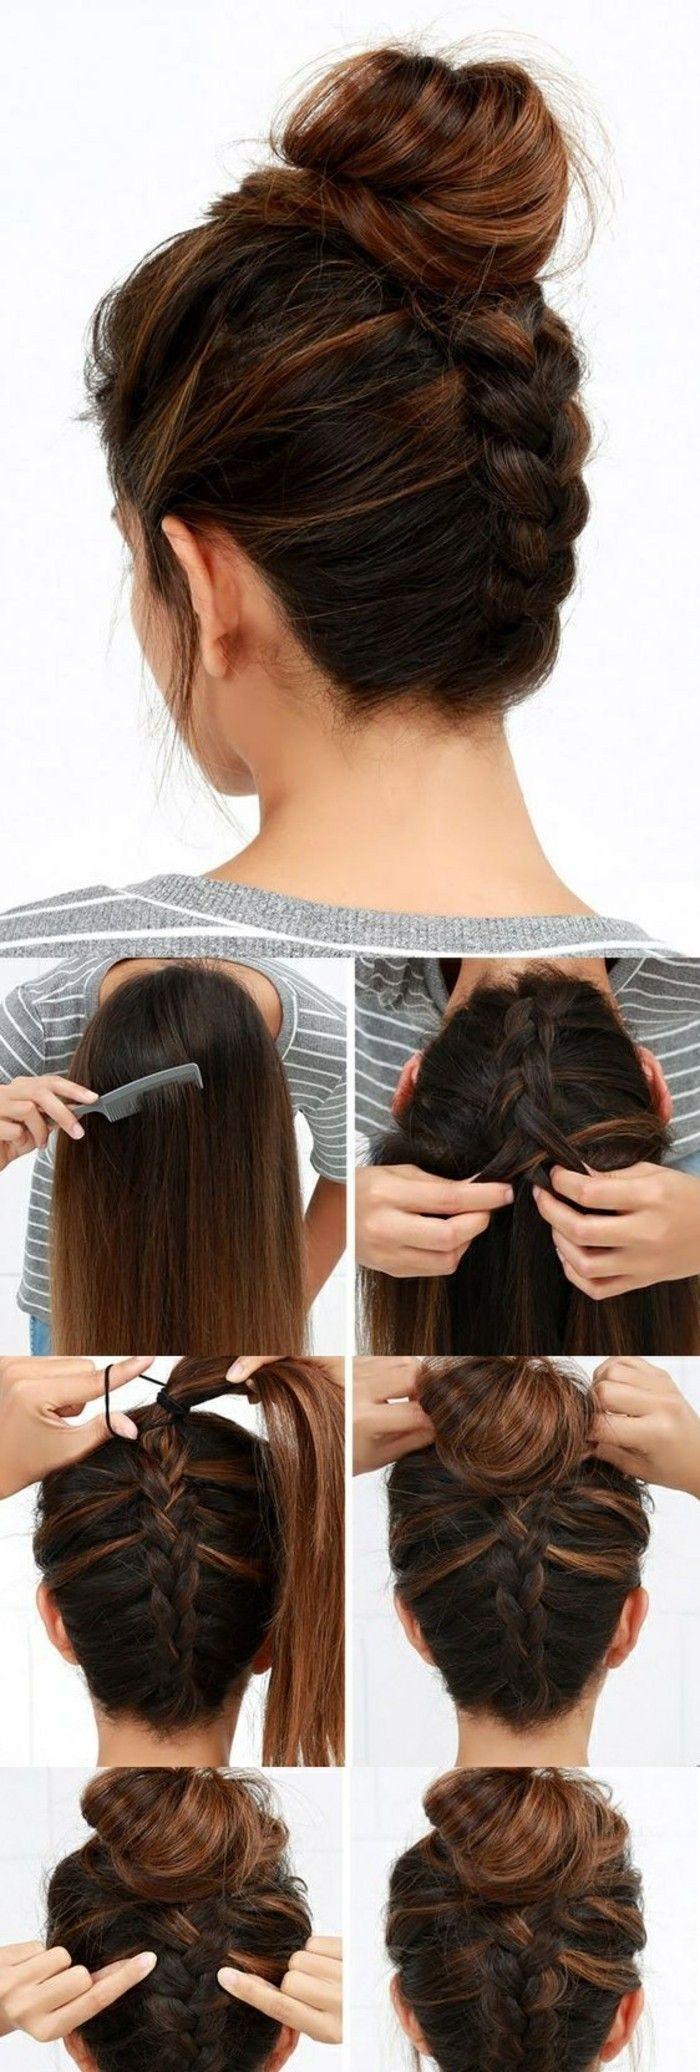 Idée tendance coupe u coiffure femme frisuren